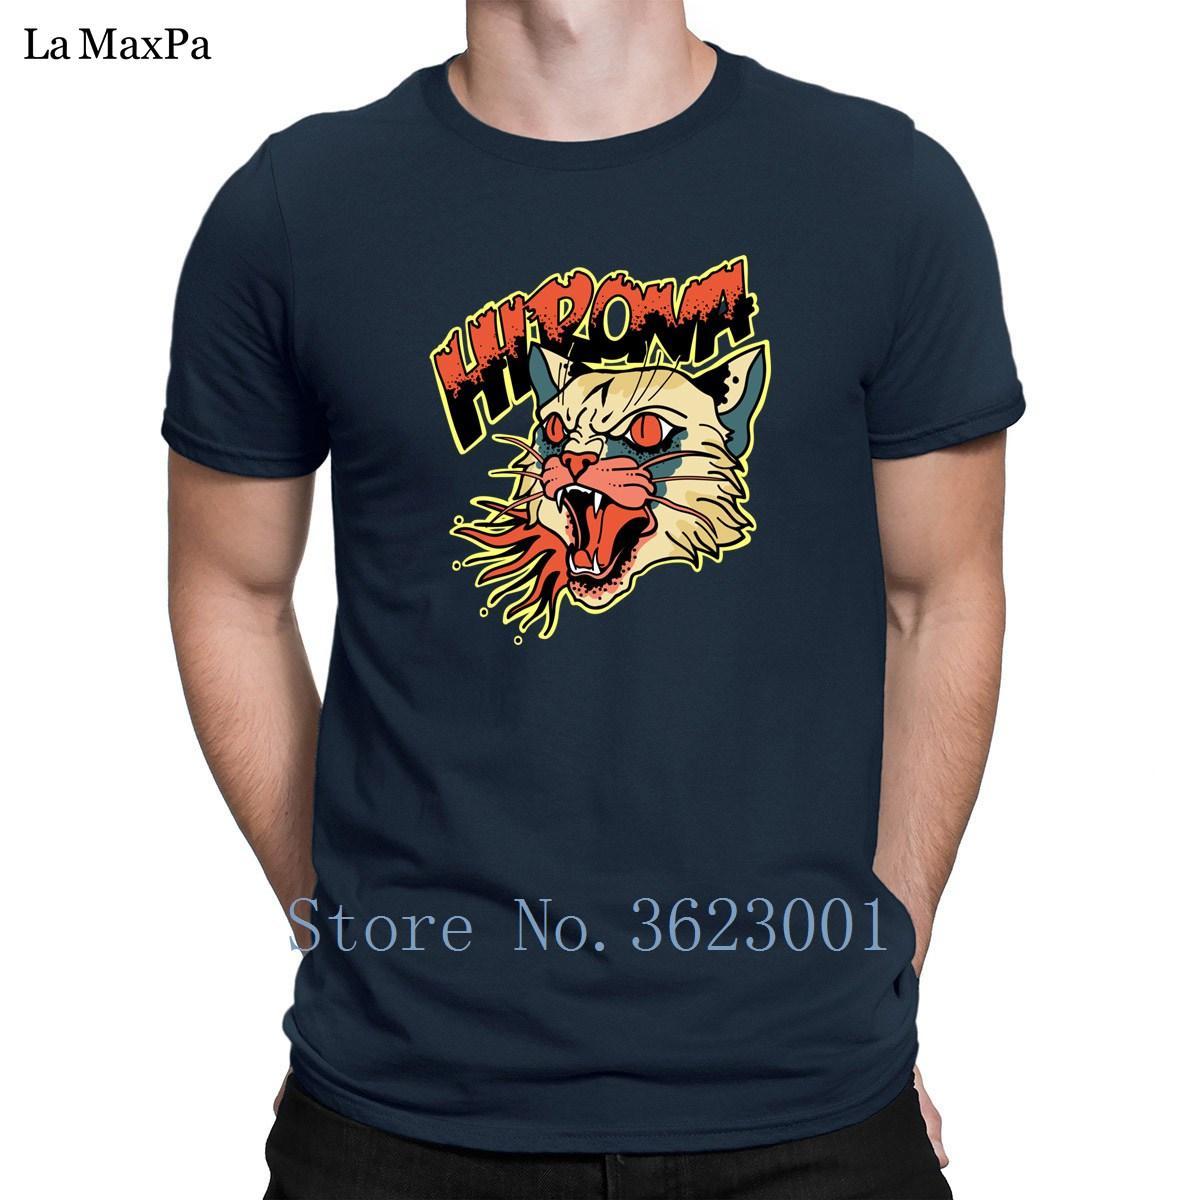 Özelleştirilmiş Yuvarlak Yaka Tee Gömlek Man Kedi Barf T Shirt Man Hiphop En Popüler Erkek Web Tişörtler Unisex Trend